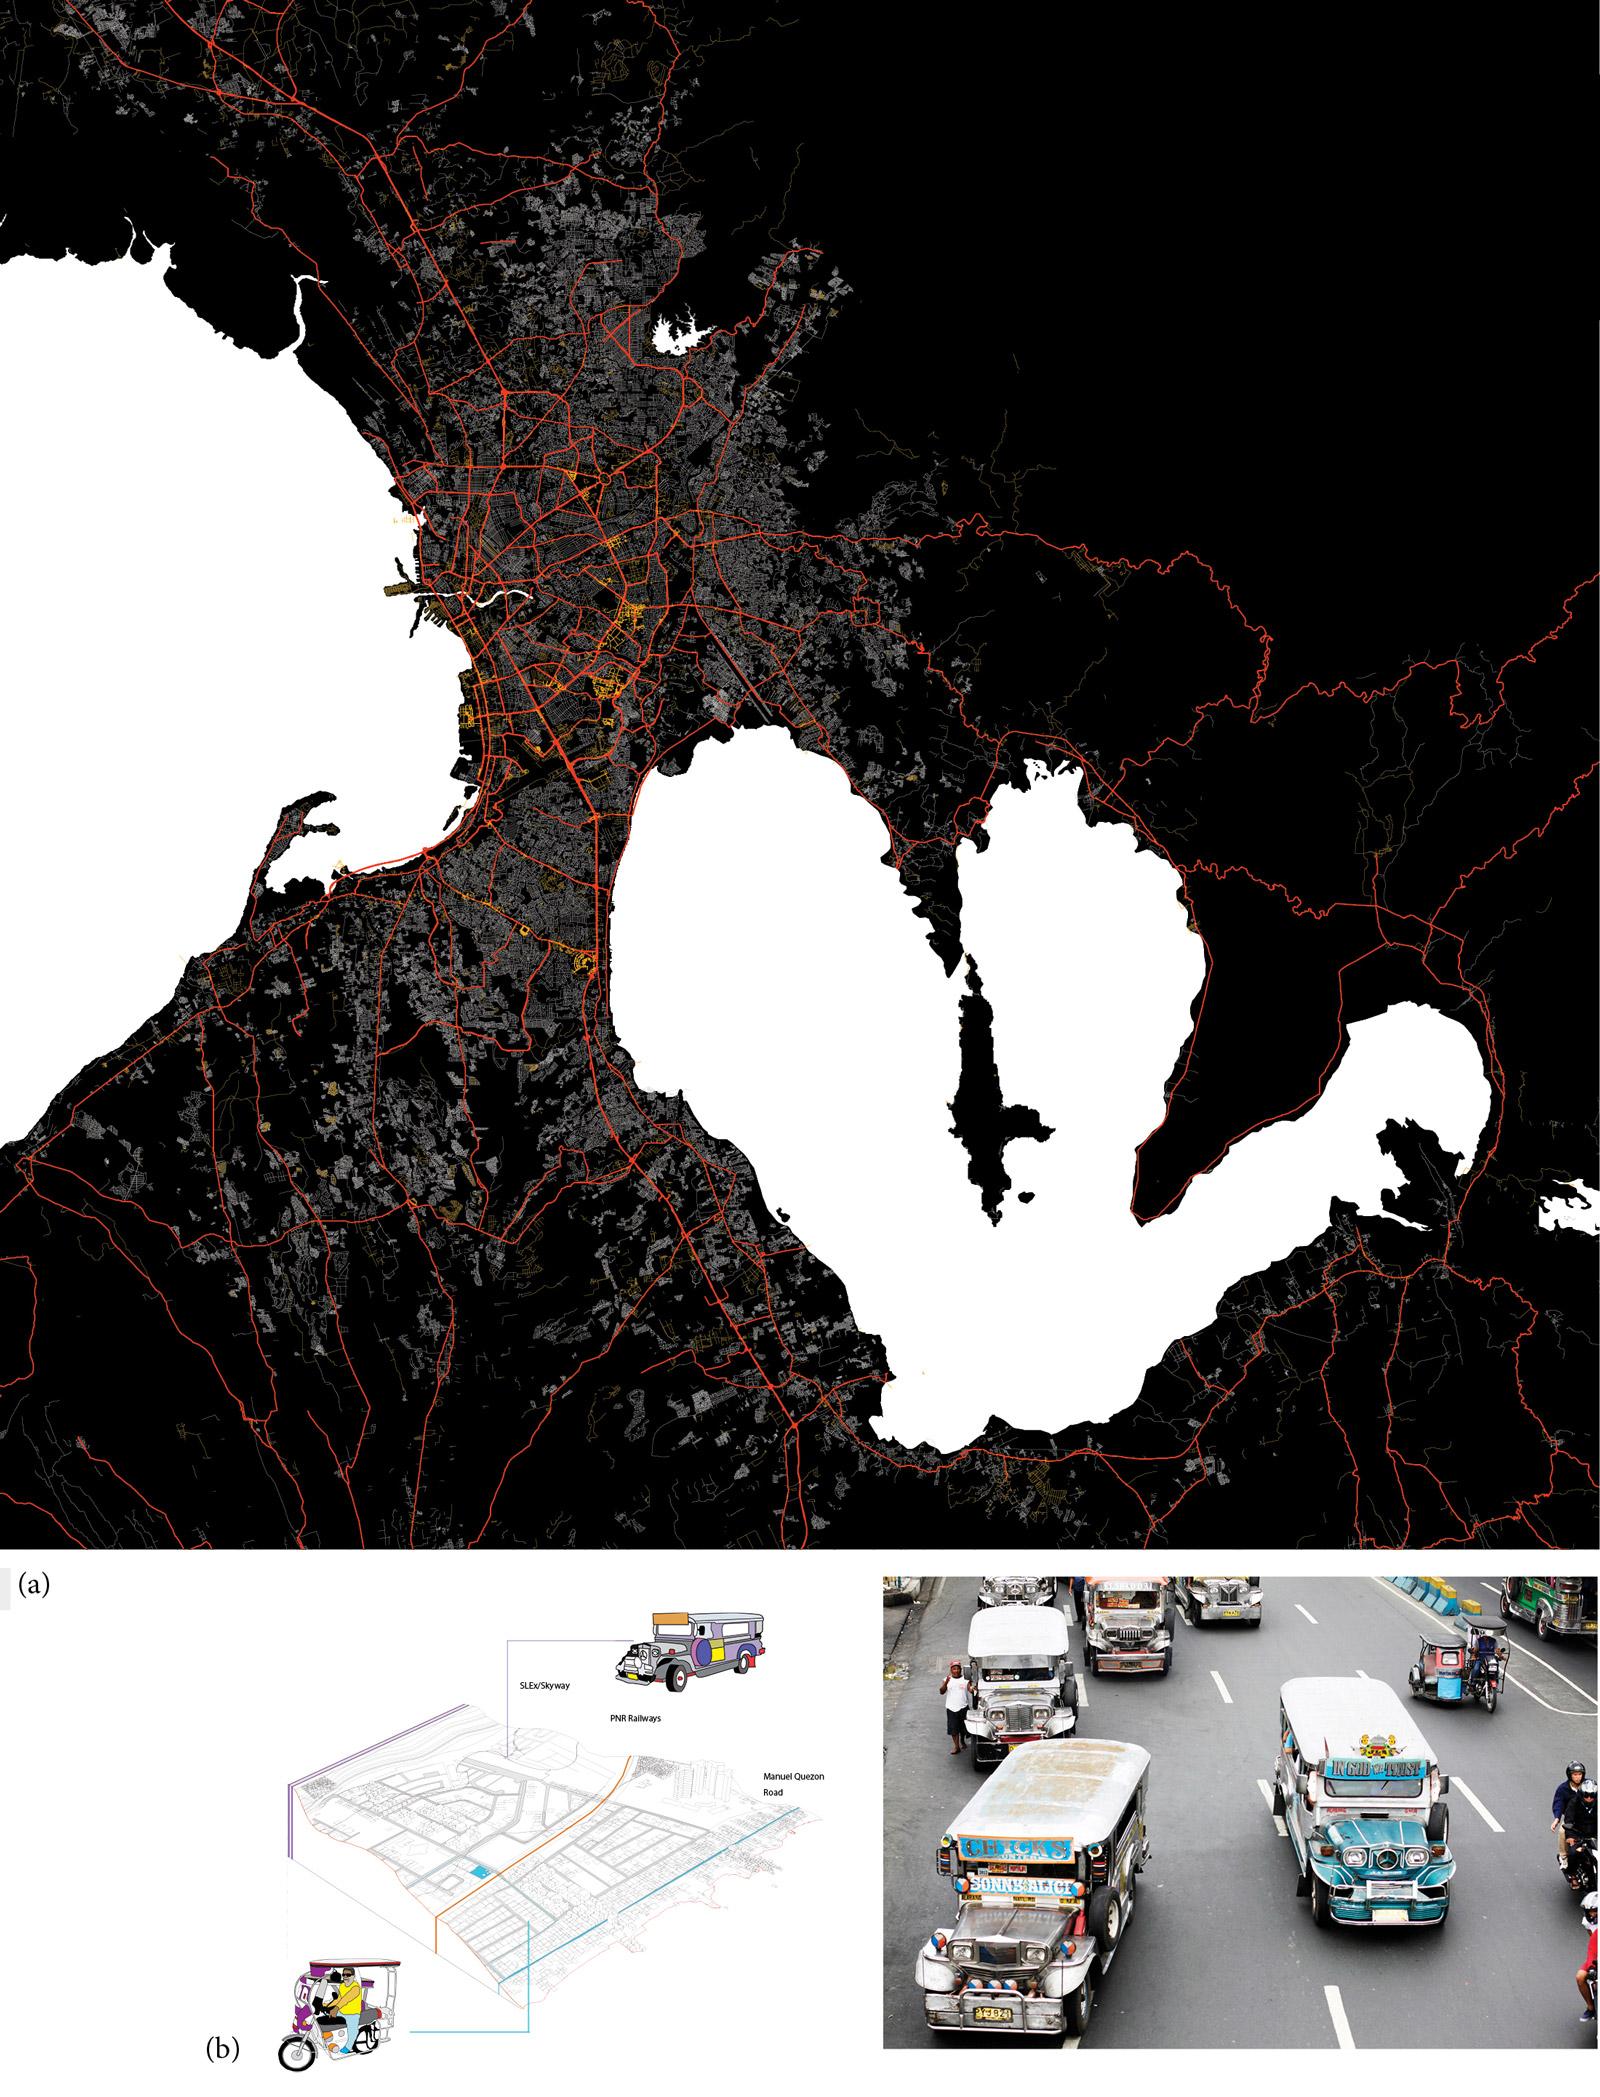 Resilient Edges: Exploring a Socio-Ecological Urban Design Approach